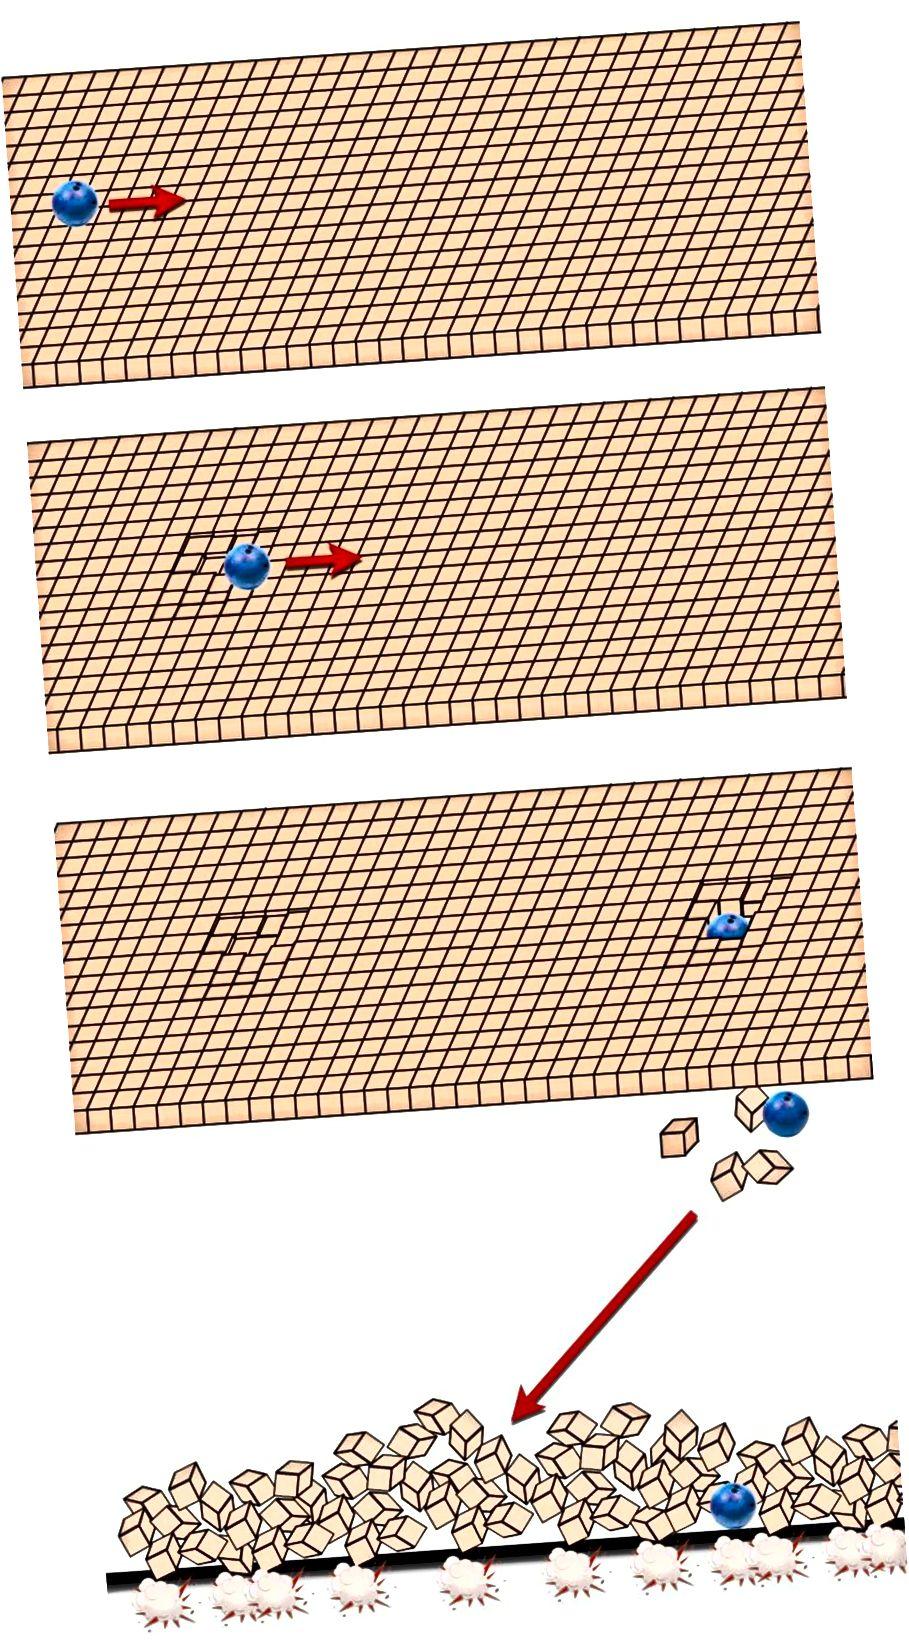 การเปรียบเทียบของลูกบอลที่เลื่อนผ่านพื้นผิวสูงคือเมื่อเงินเฟ้อยังคงอยู่ในขณะที่โครงสร้าง crumbling และปล่อยพลังงานแสดงถึงการแปลงพลังงานเป็นอนุภาค (E. Siegel)